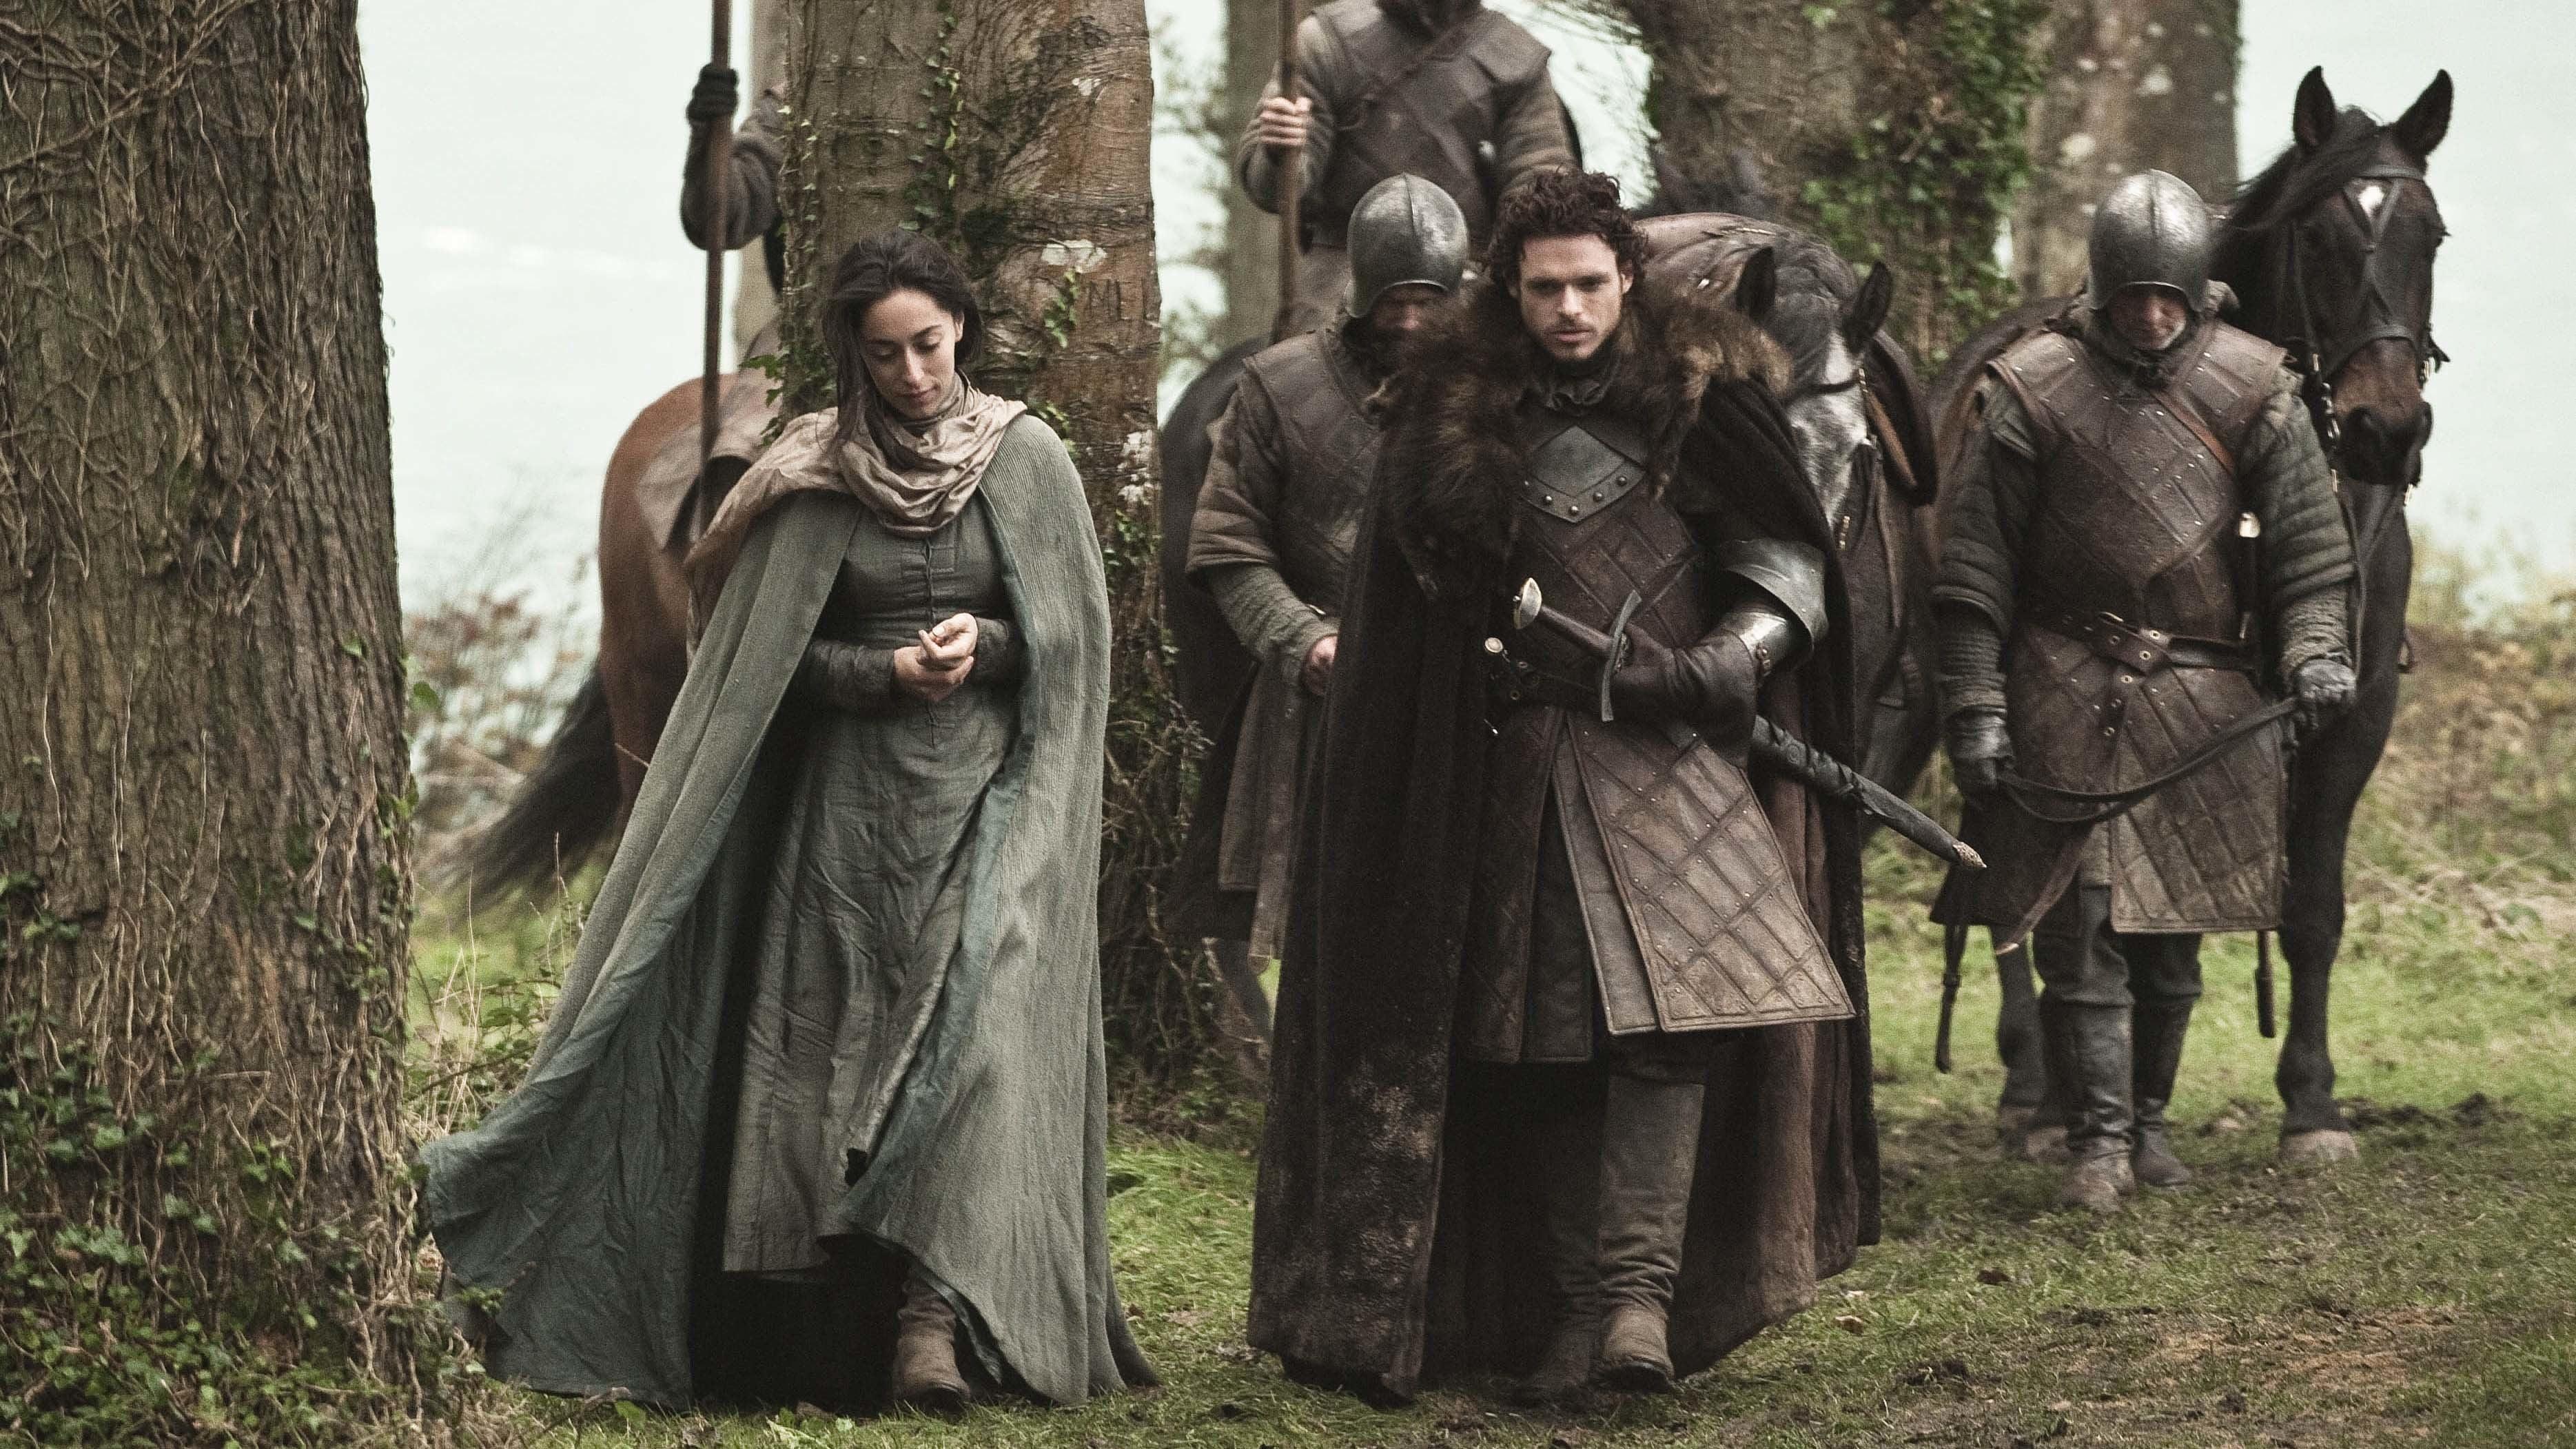 Un príncipe de Invernalia